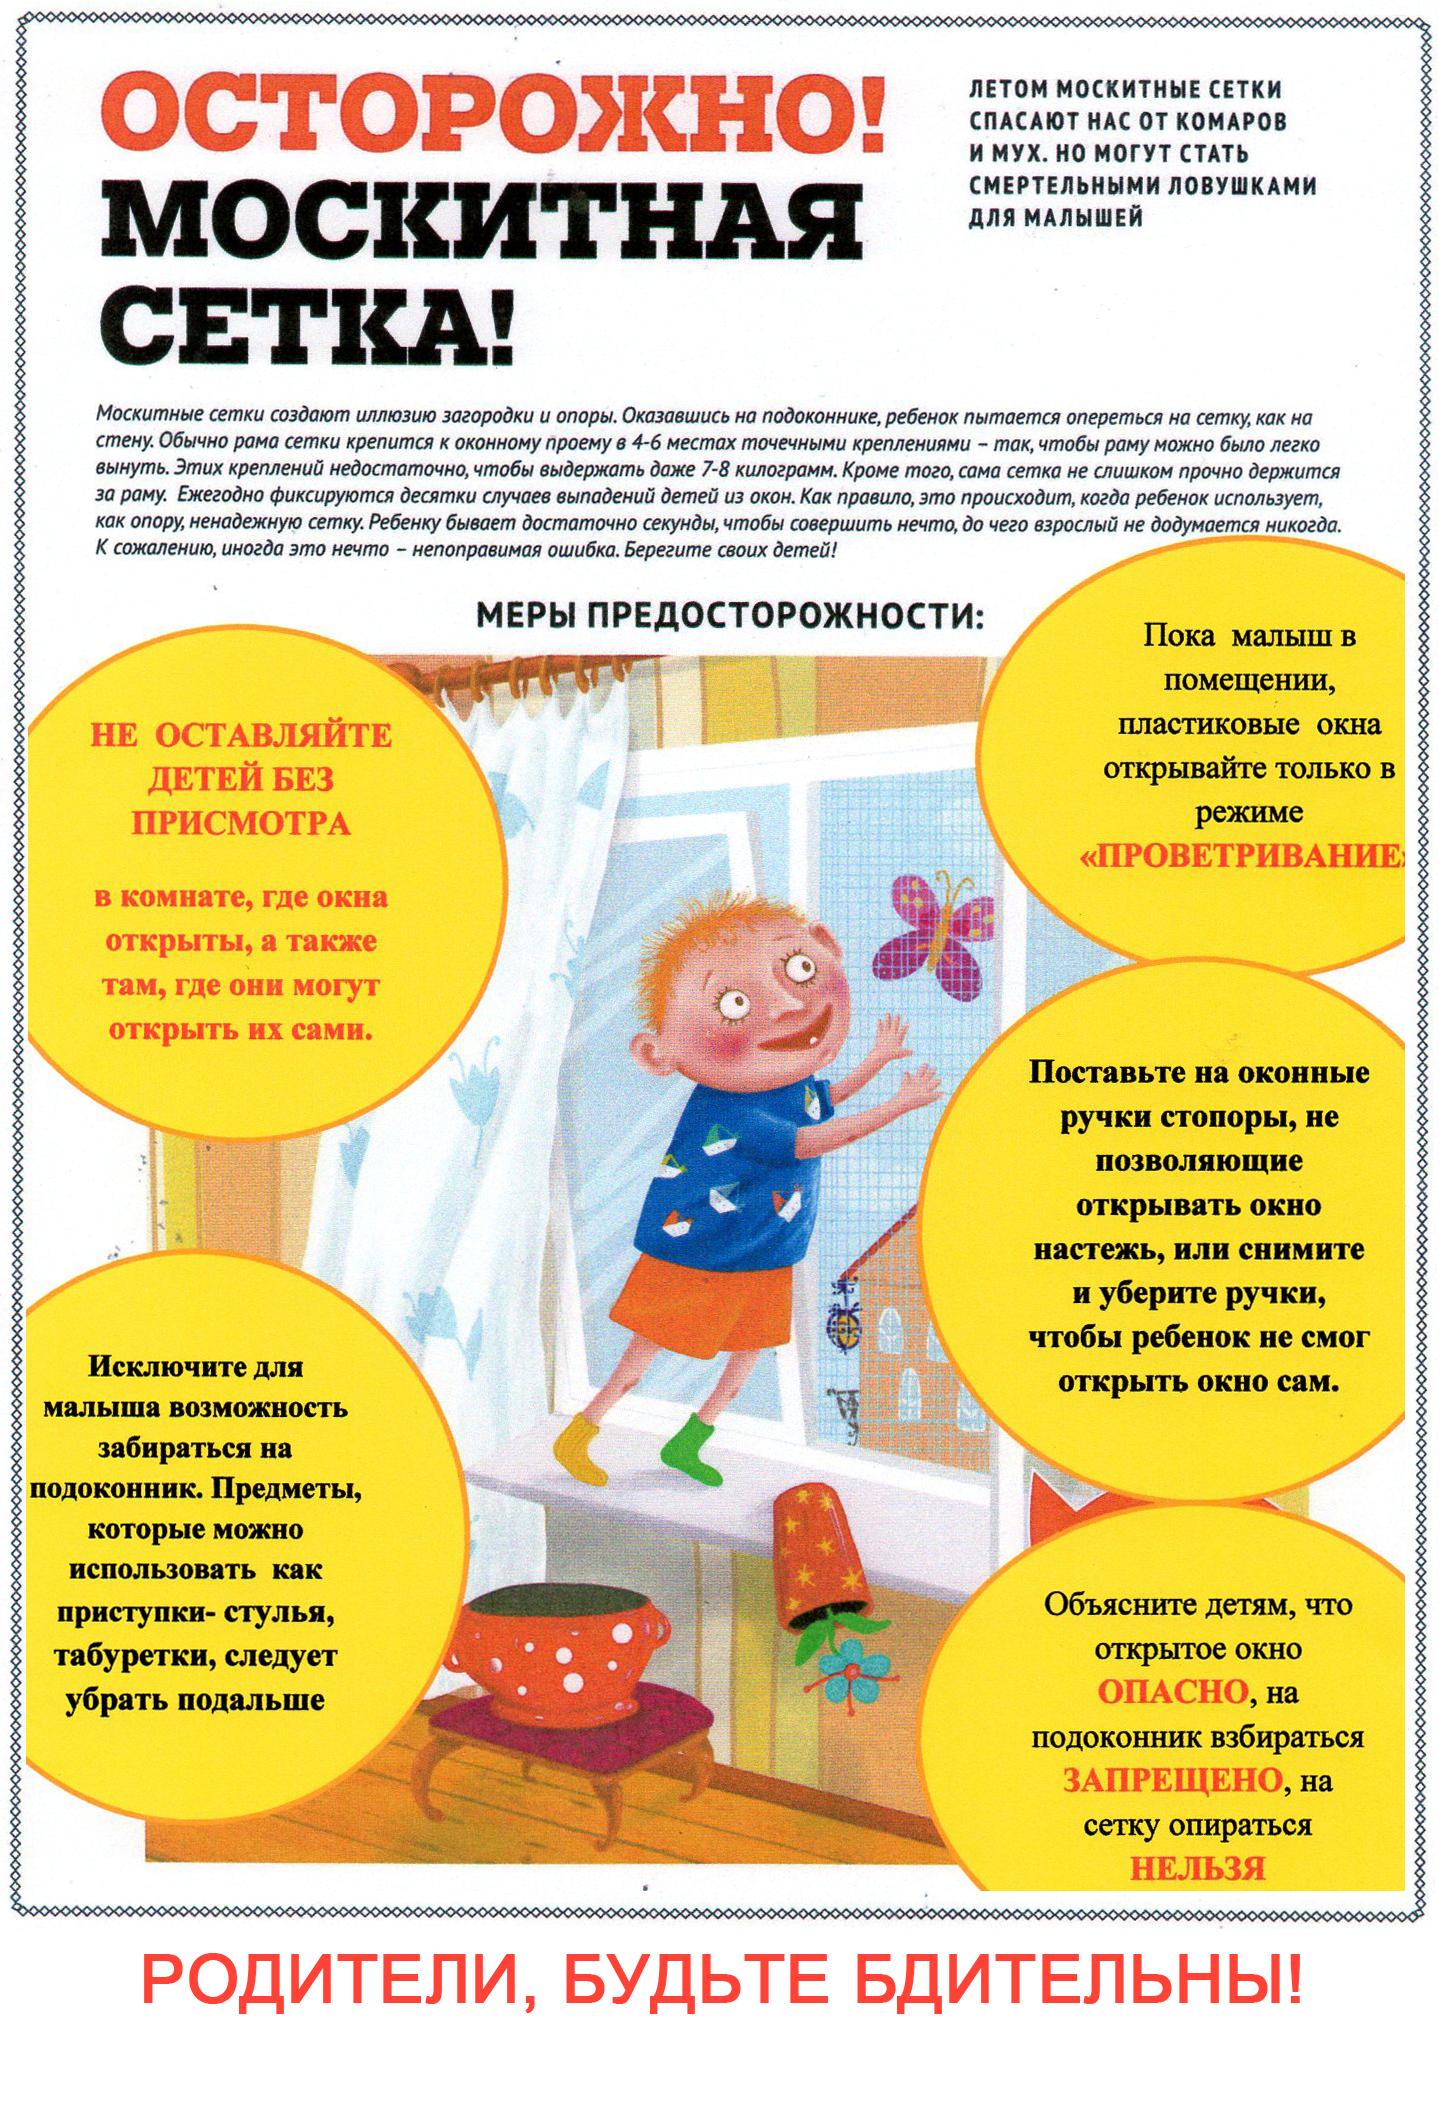 Москитная сетка – опасность для детей! Как защитить ребенка от падения из окна?